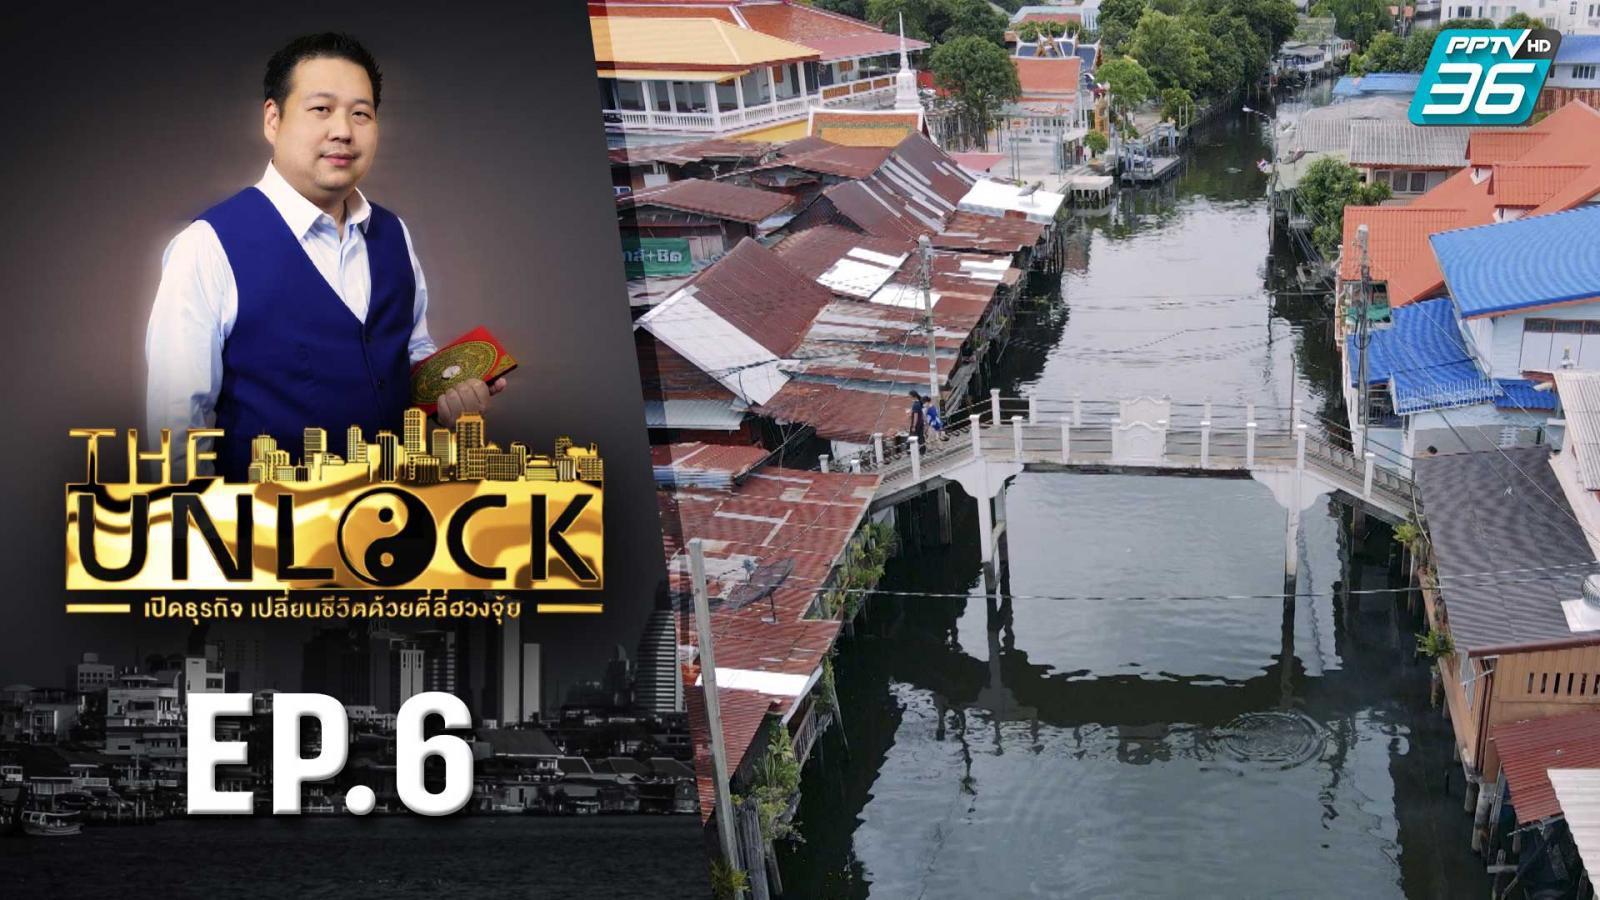 The Unlock เปิดธุรกิจ เปลี่ยนชีวิตด้วยตี่ลี่ฮวงจุ้ย | ตอน ก๋วยจั๊บป้าเล็ก EP.6 | PPTV HD 36